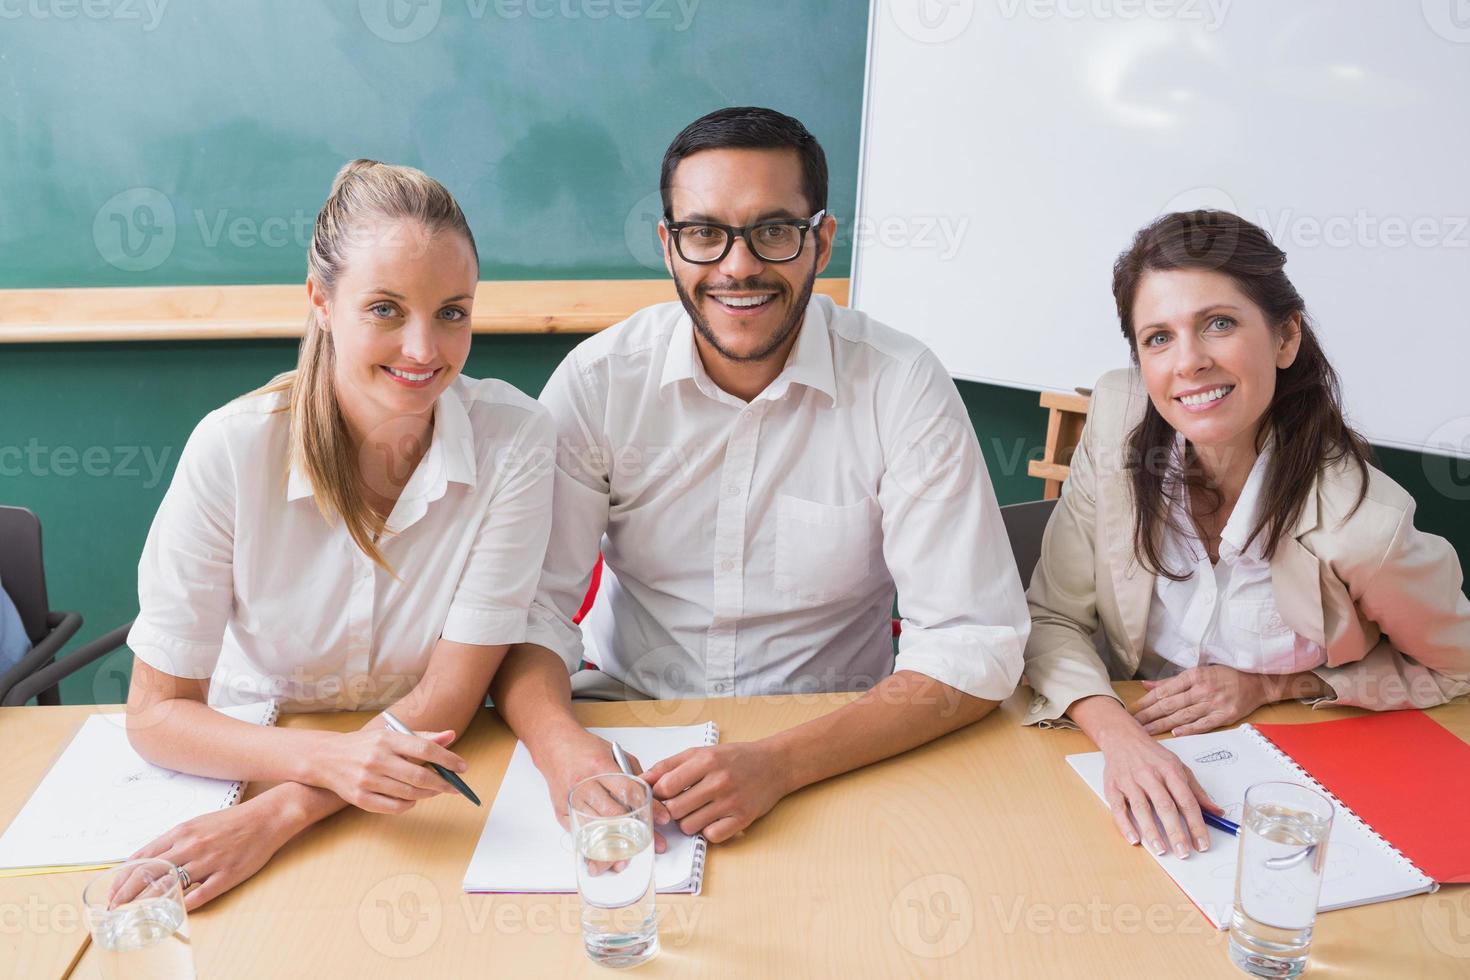 equipe de negócios casuais, sorrindo para a câmera durante reunião foto